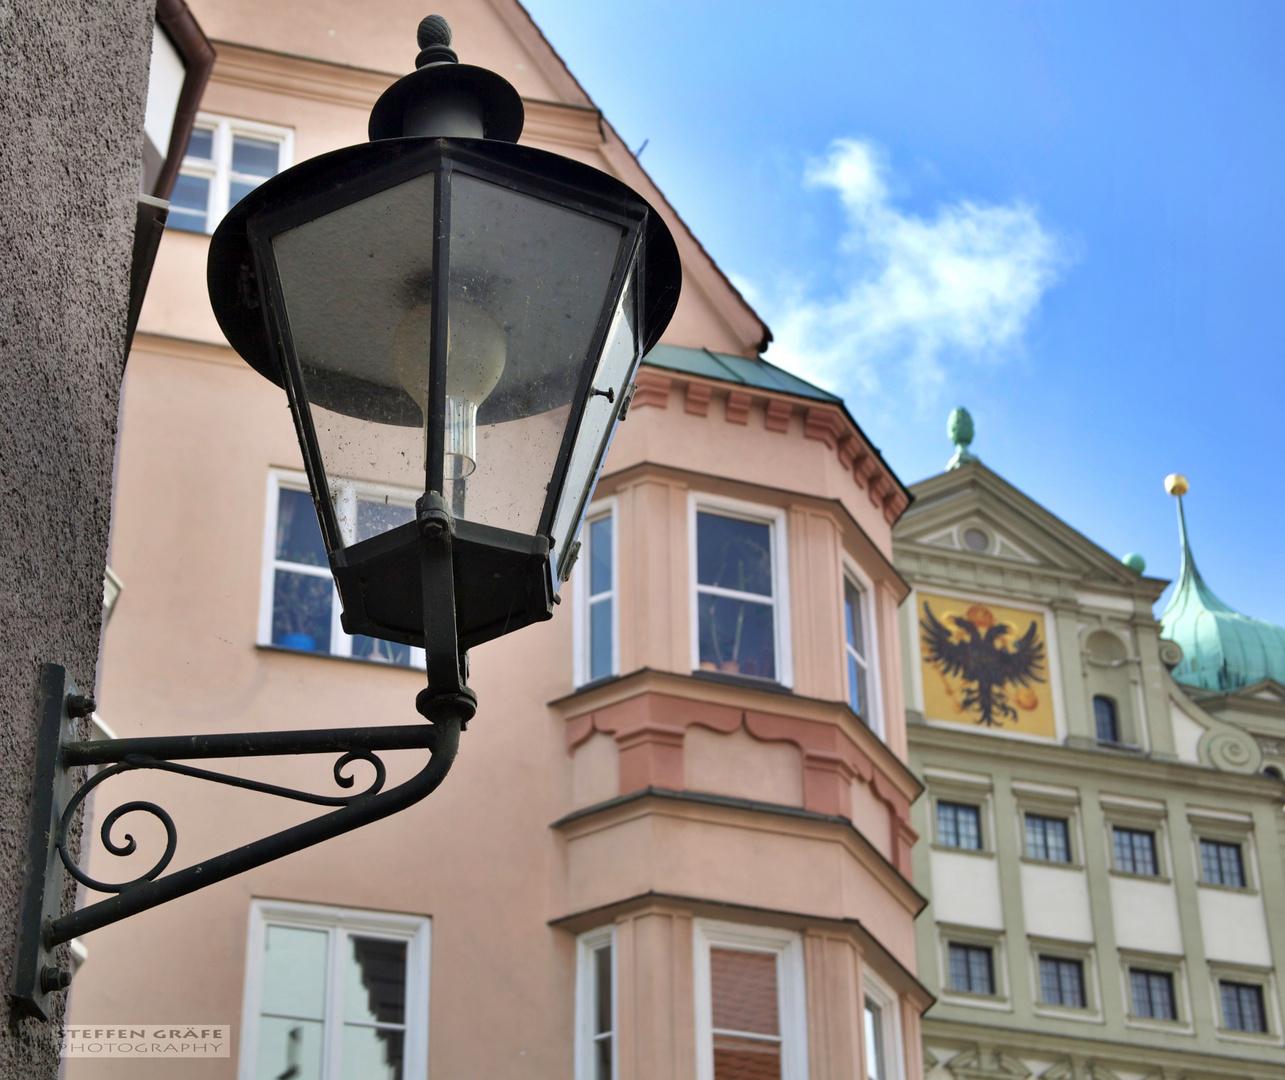 """,, Augsburg in einem anderen Licht"""""""